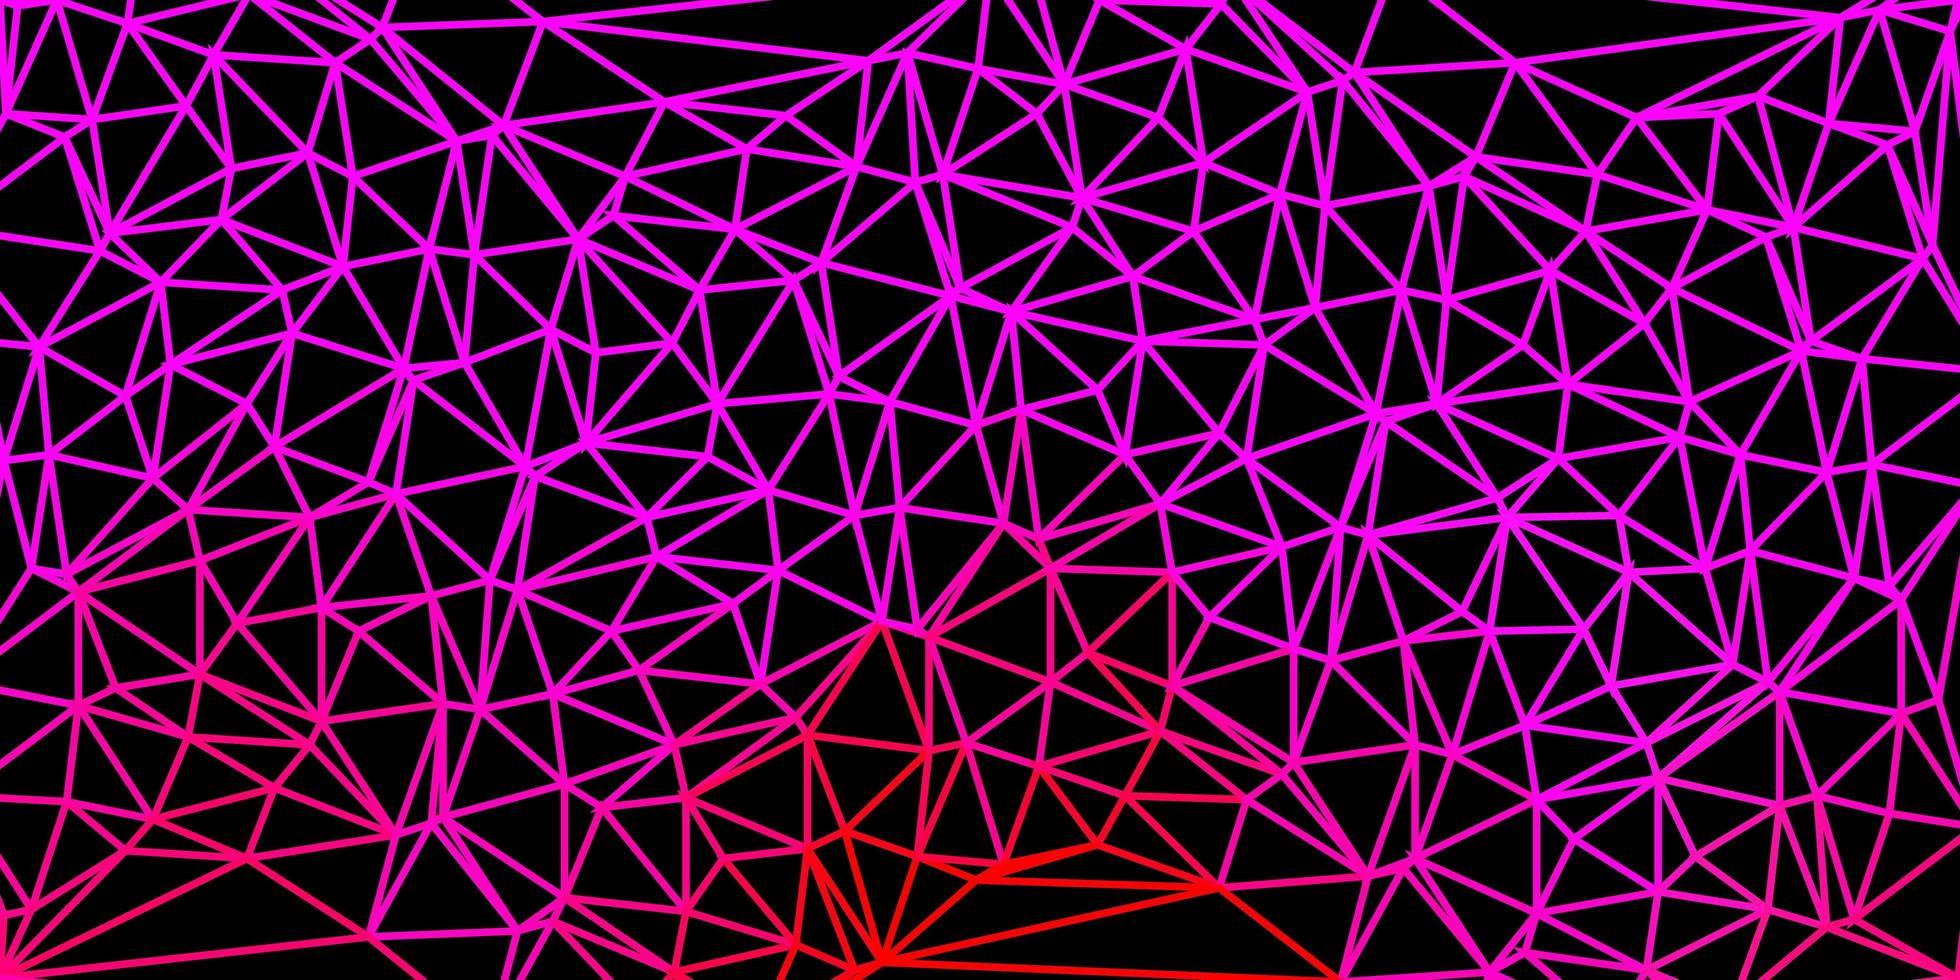 toile de fond polygonale vecteur rose clair.